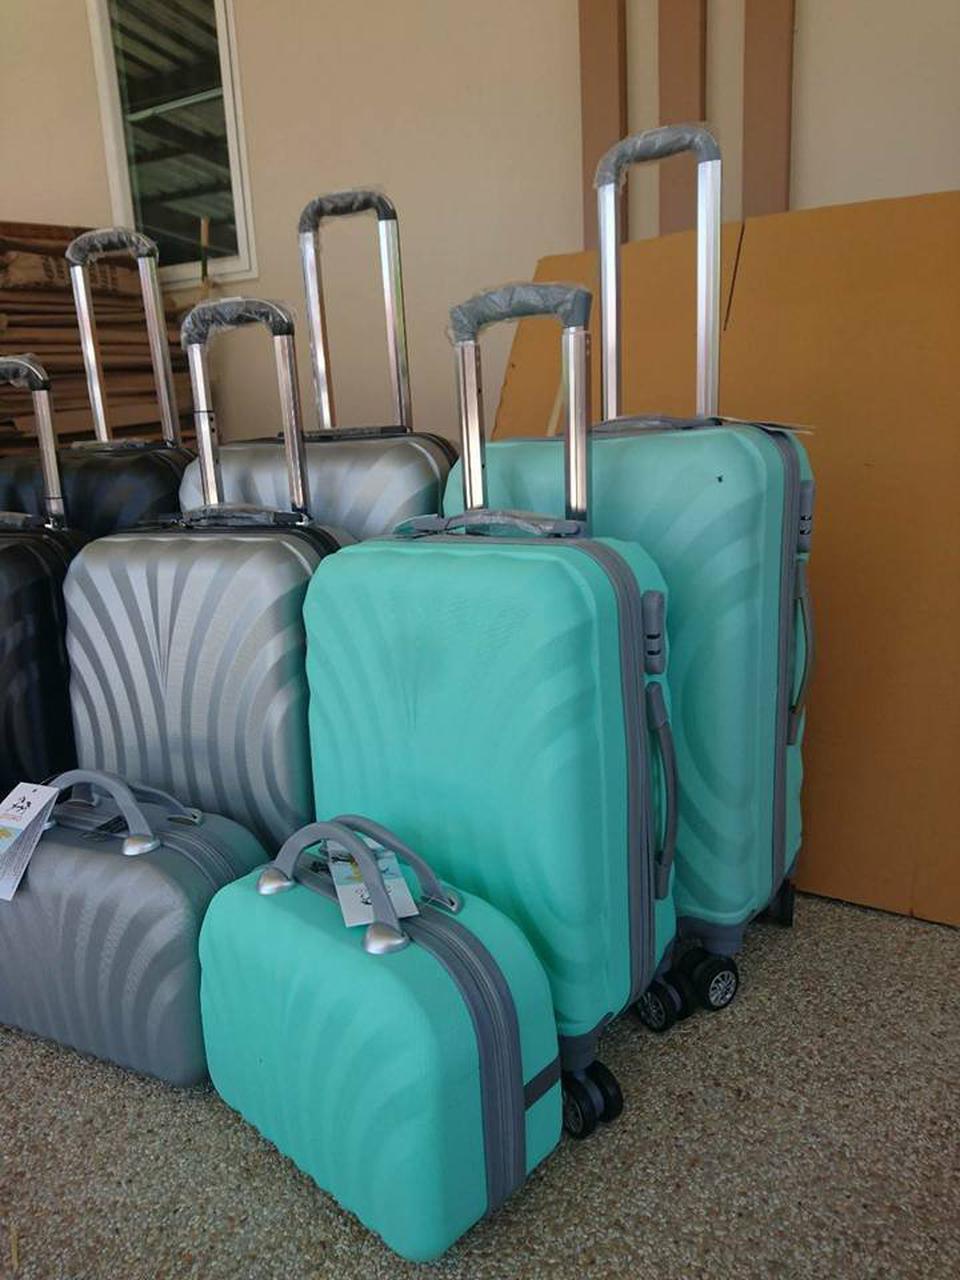 กระเป๋าเดินทาง รุ่น Fiber A รูปที่ 3